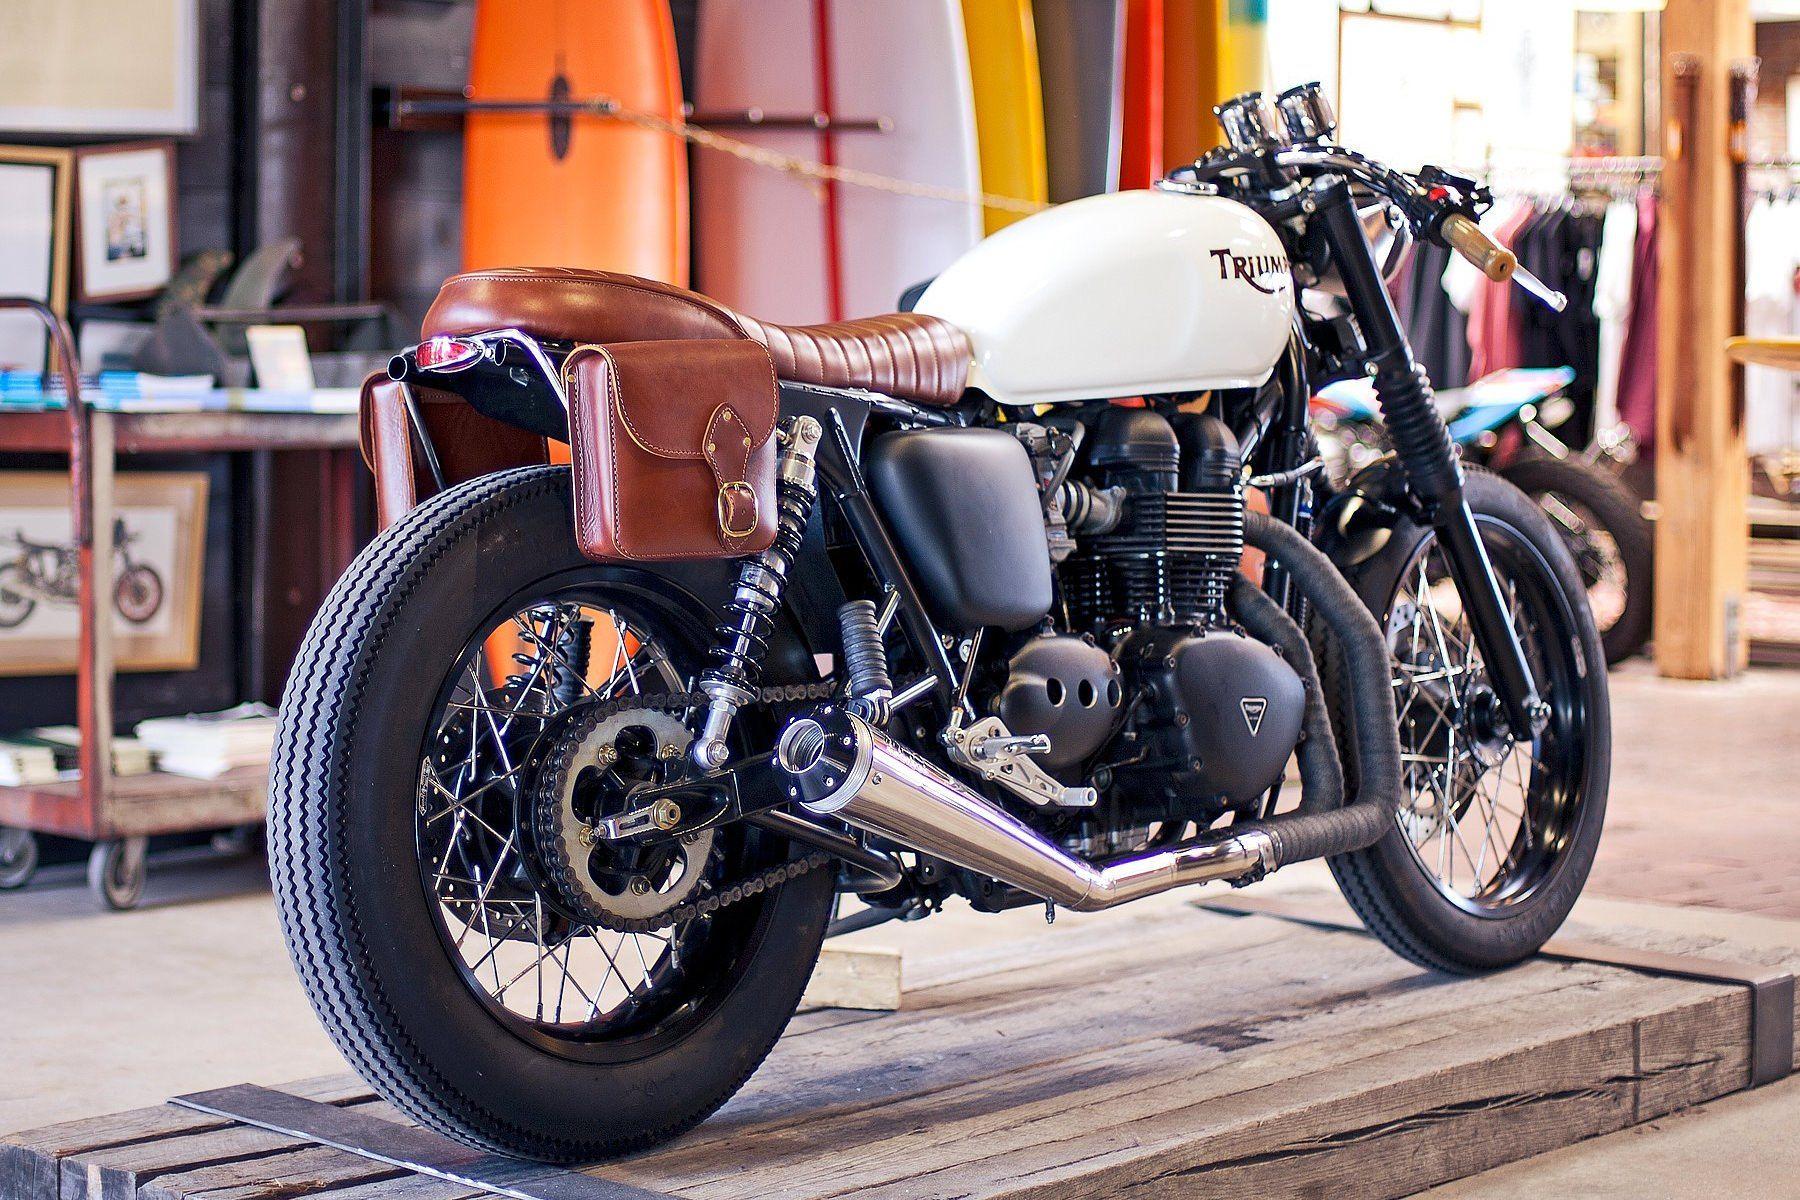 Classic Triumph Café Racer